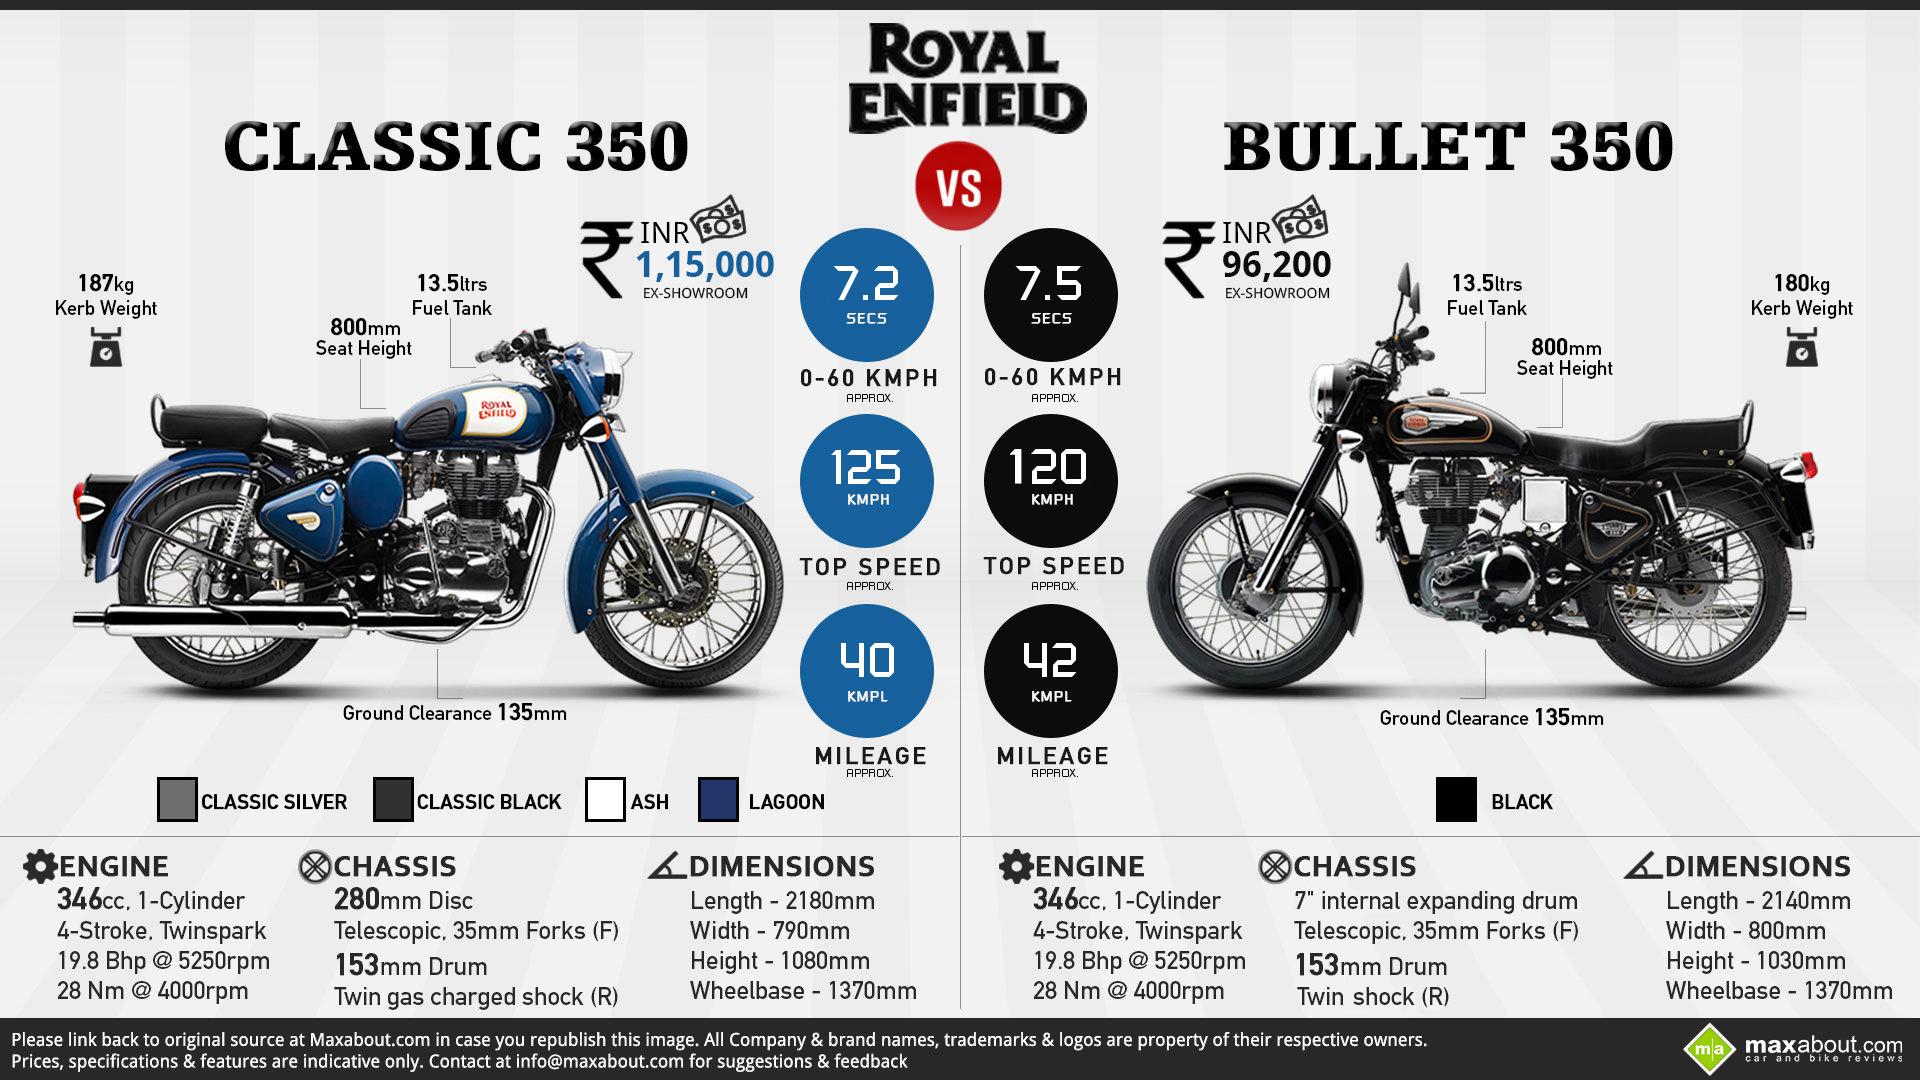 Royal Enfield Classic 350 Wallpapers Wallpapersafari